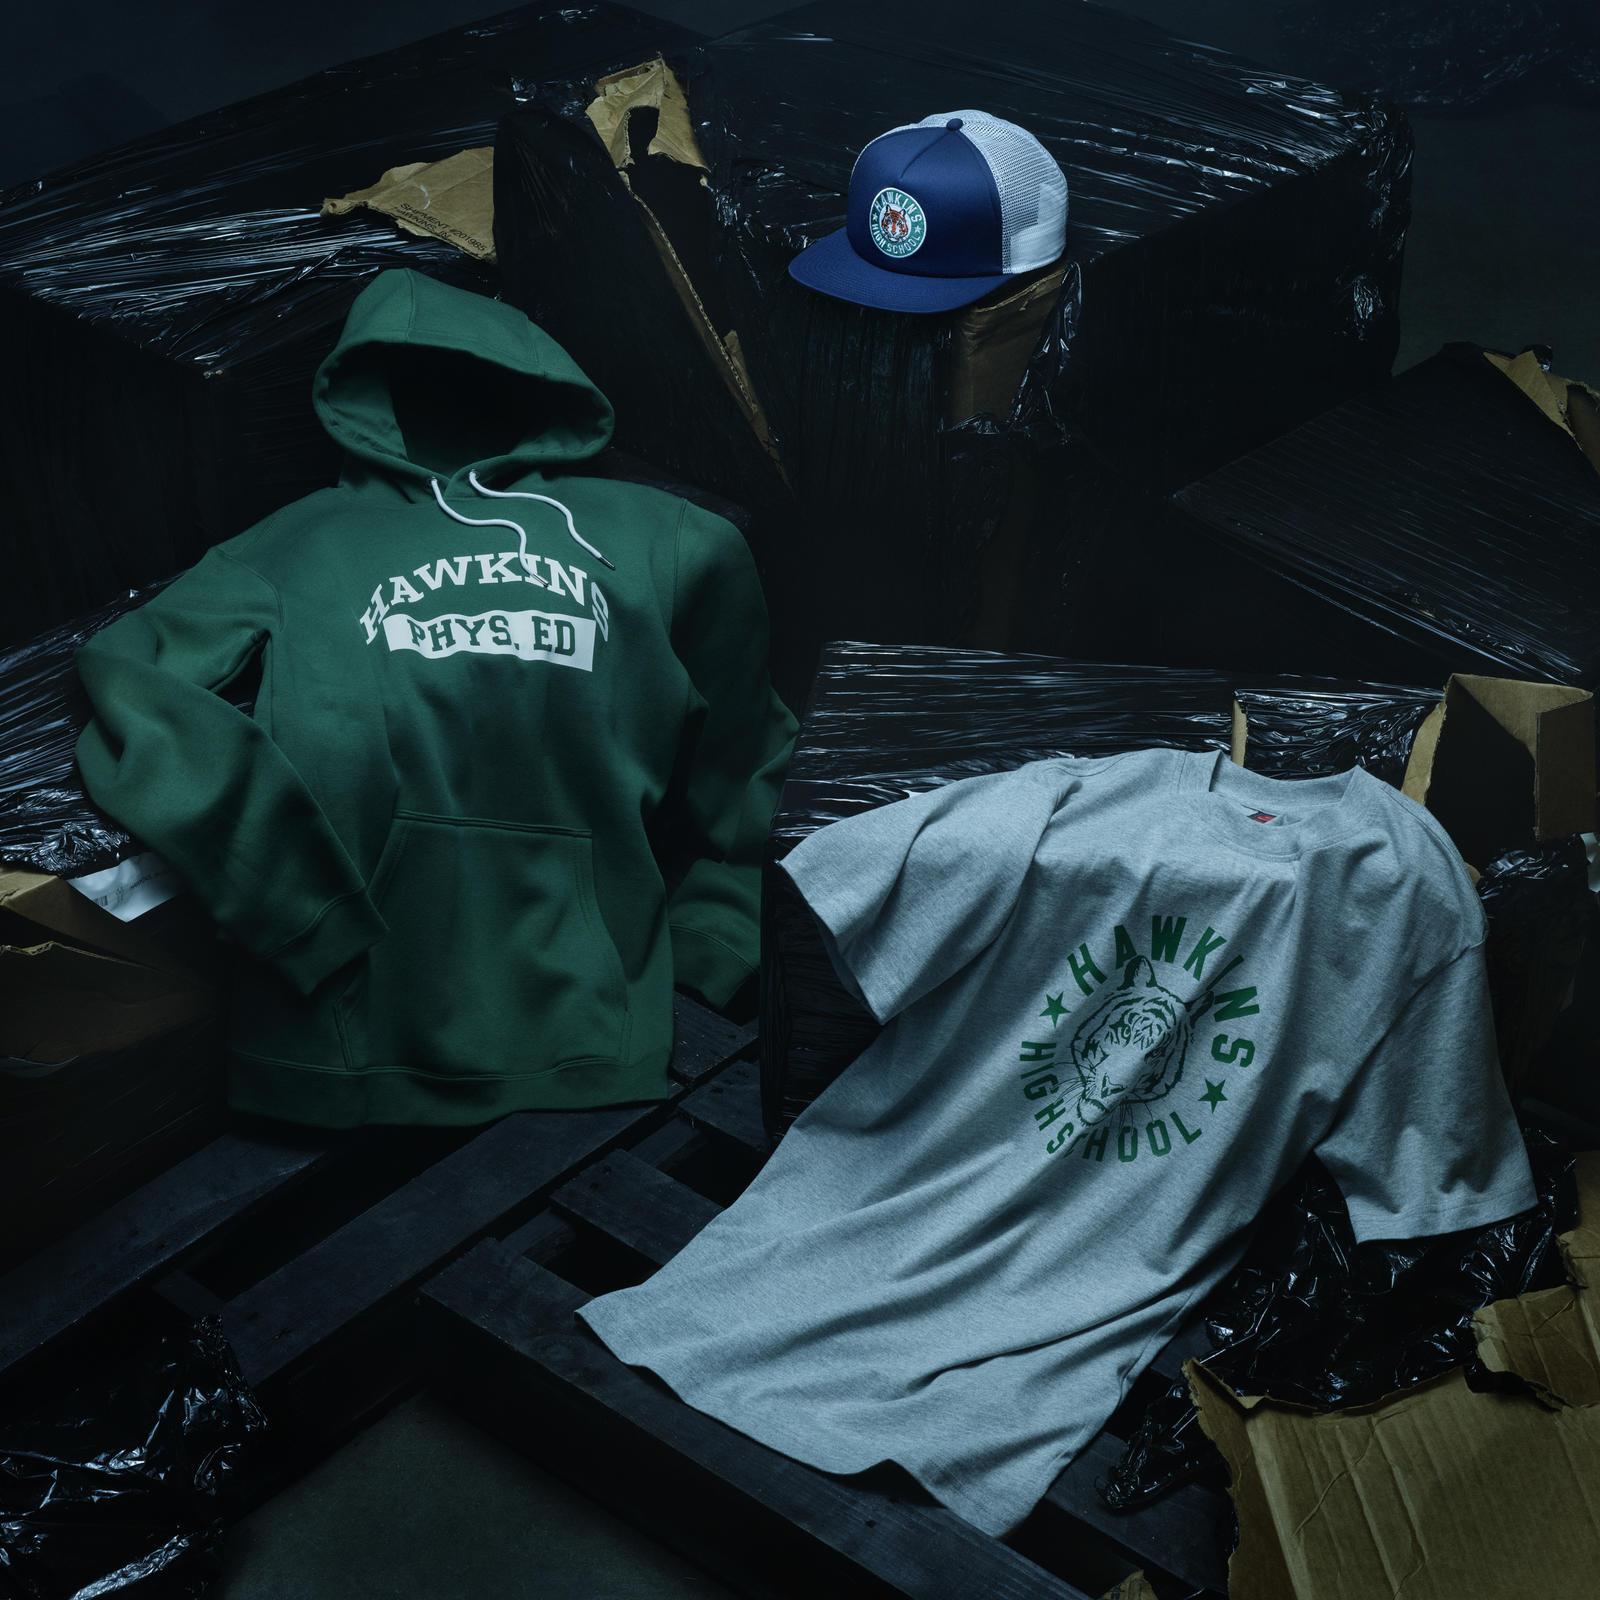 nike-stranger-things-apparel.jpg